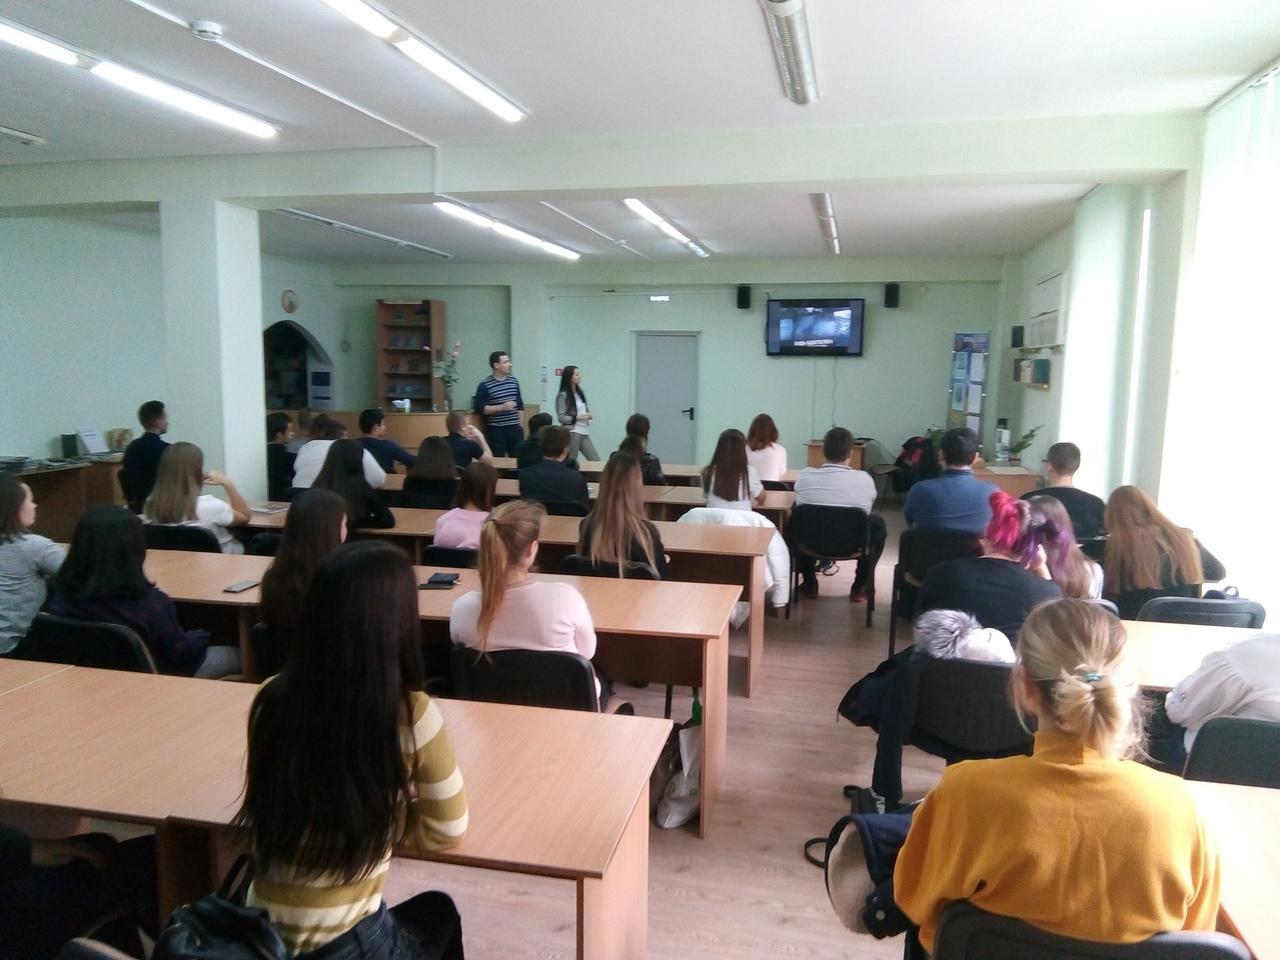 23 ноября на базе Новороссийского колледжа радиоэлектронного приборостроения прошло мероприятие антитеррористической направленности.